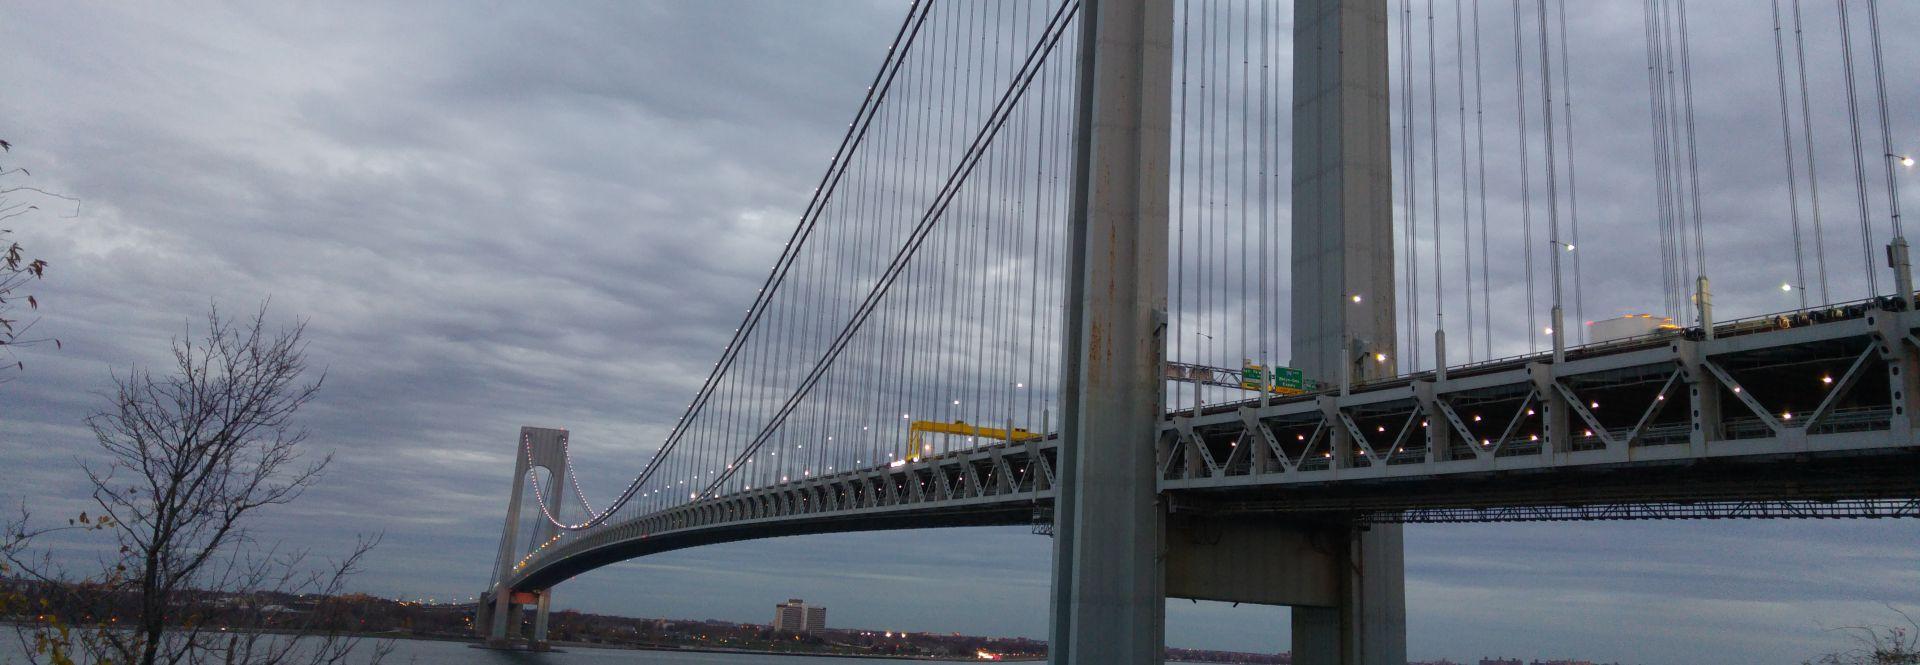 Los puentes de Guy Talese